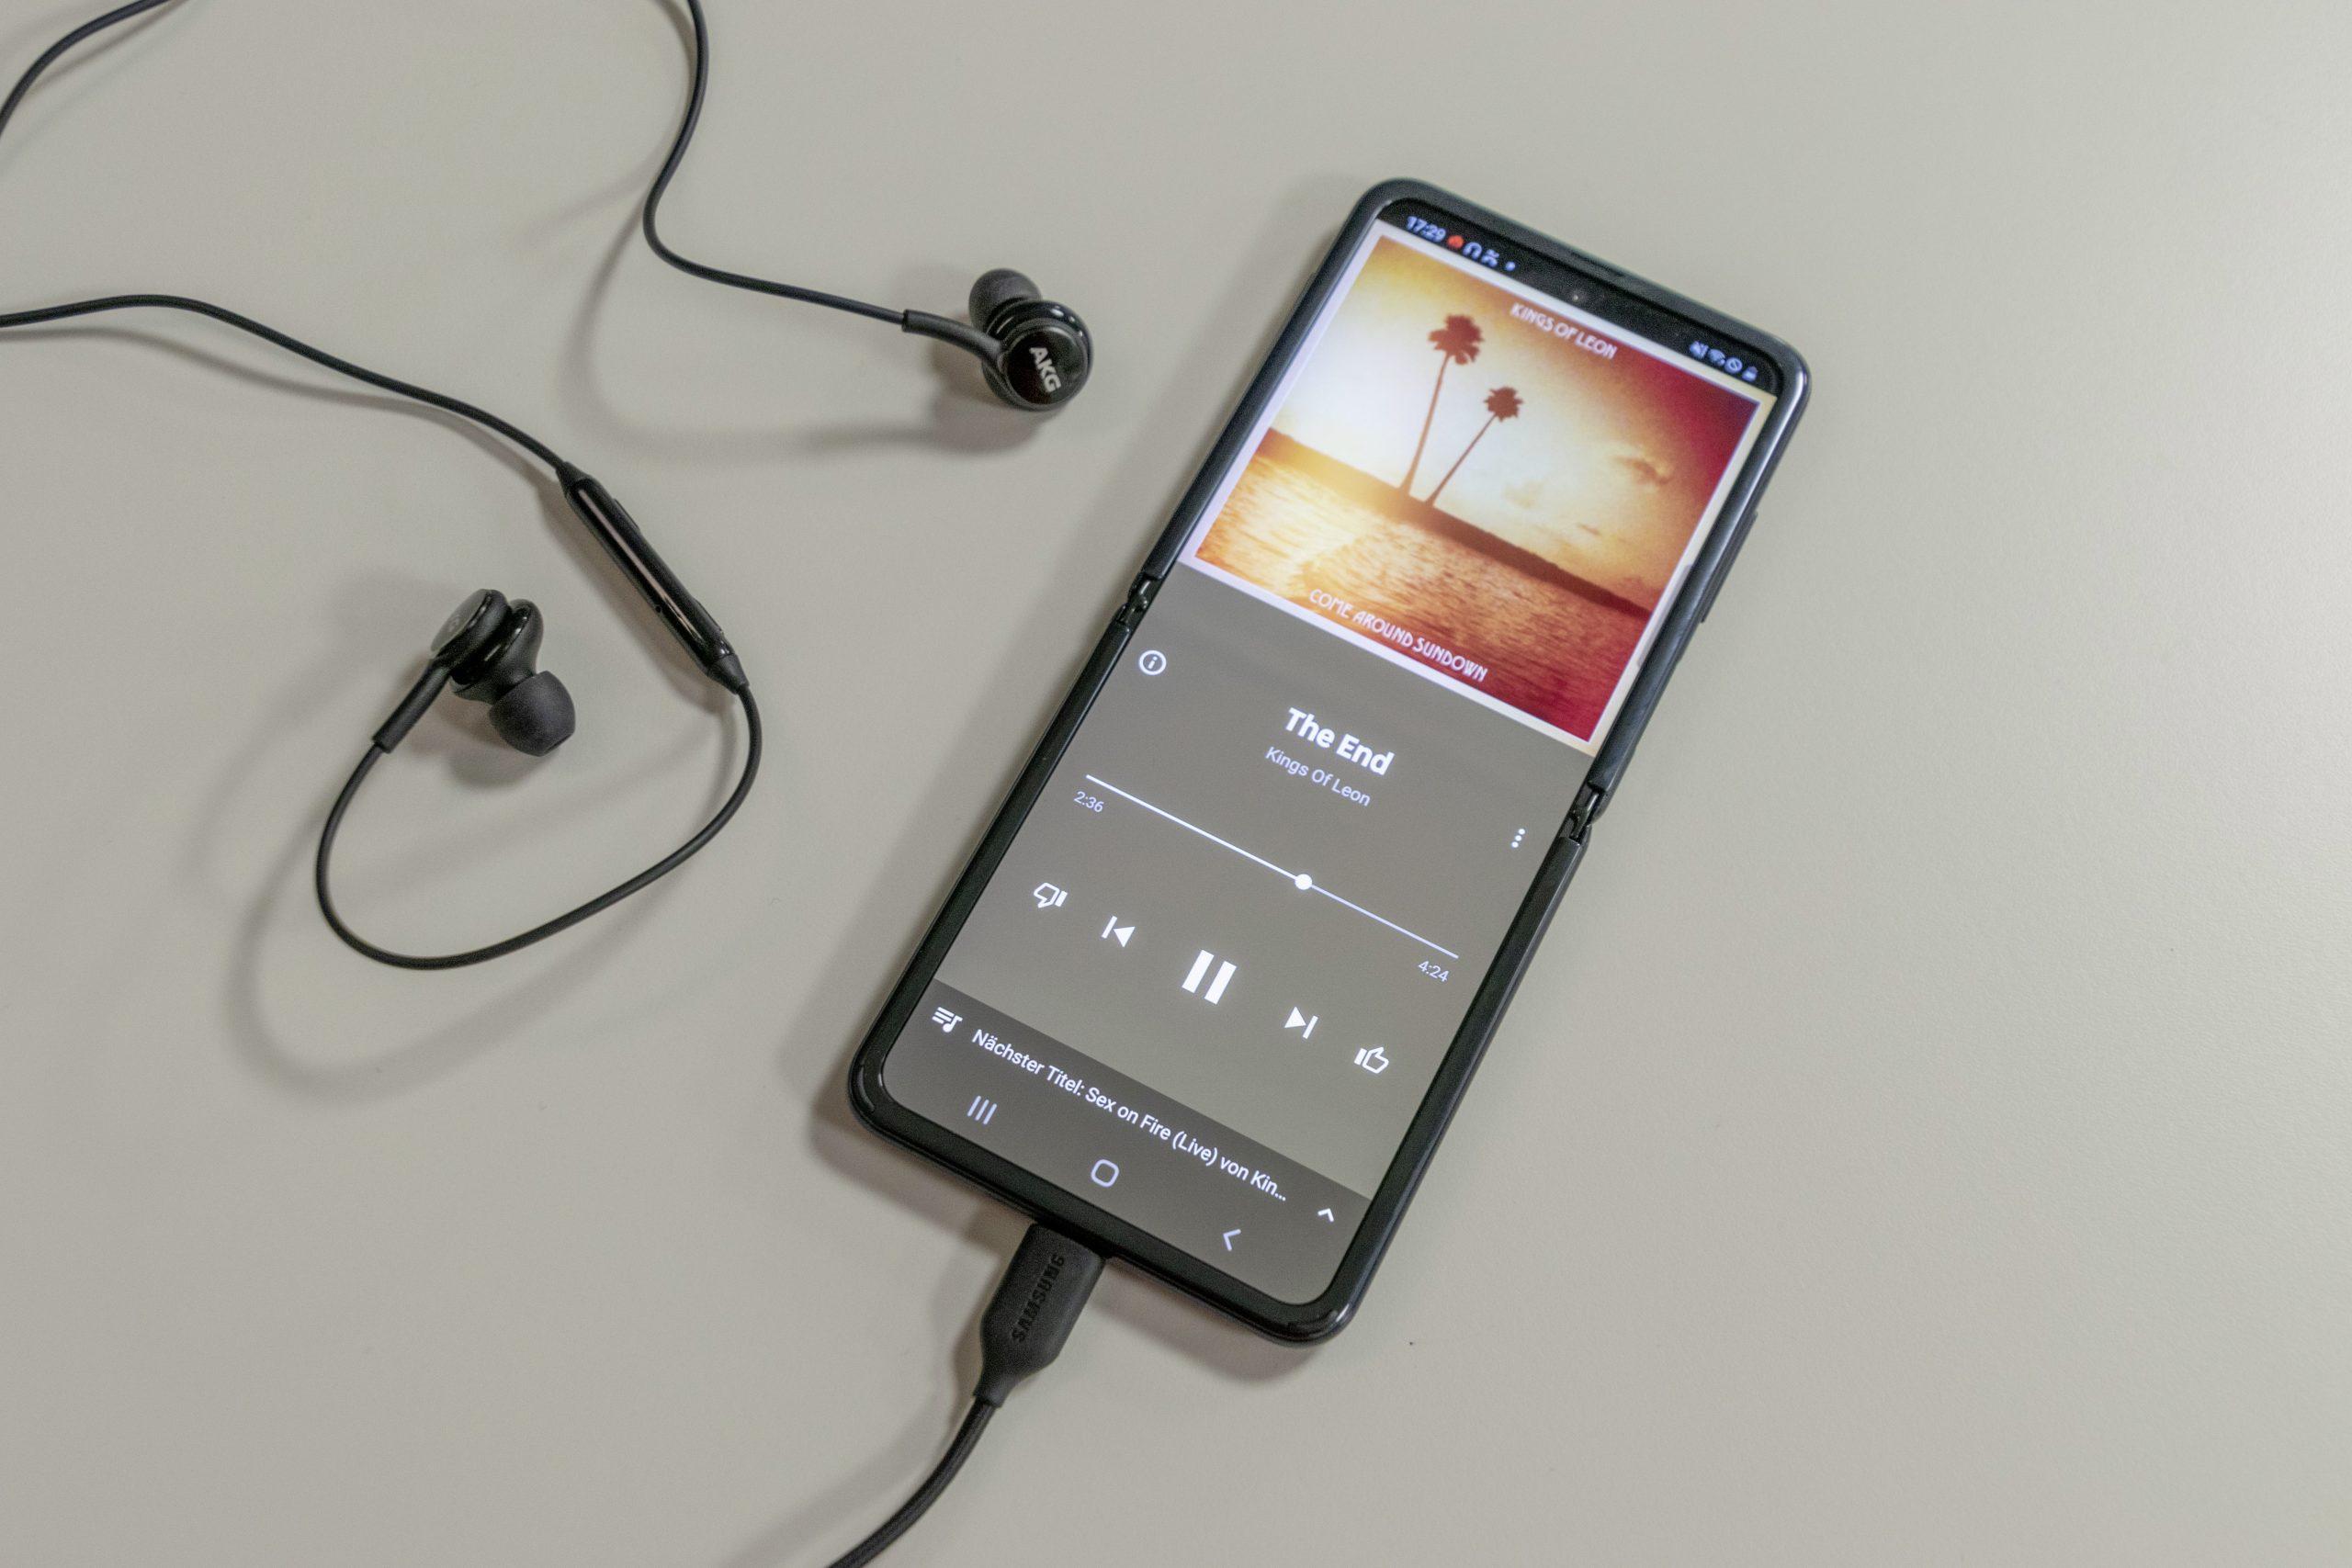 Musik wird auf dem Handy abgespielt